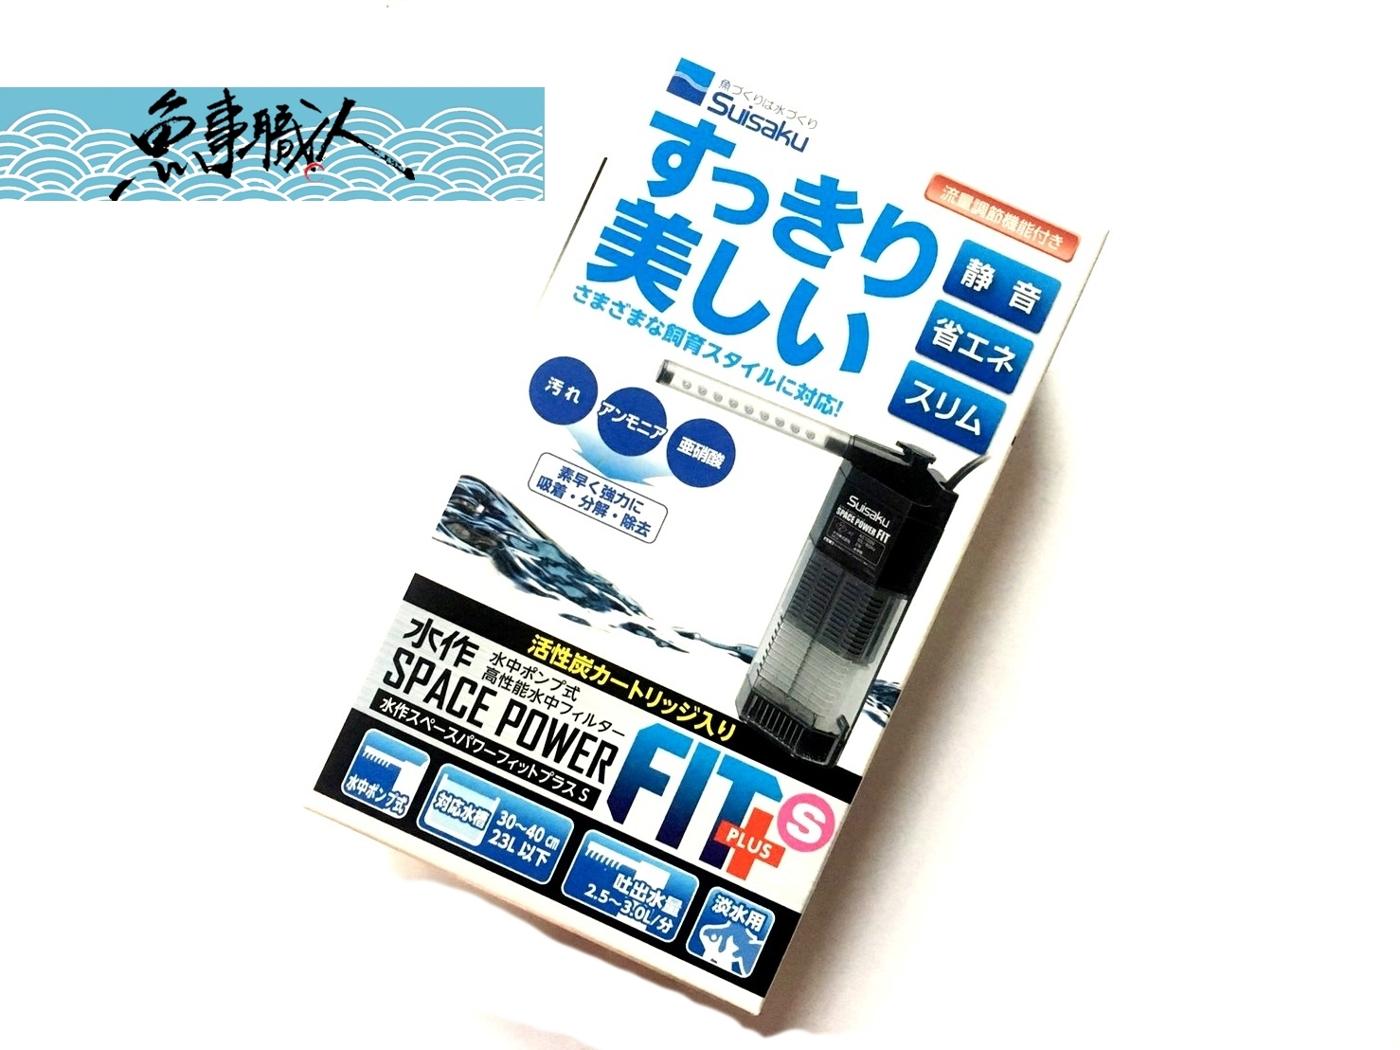 SUISAKU水作內置過濾器S附雙層過濾過濾兼打氣魚缸烏龜低水位可用抽水揚水魚事職人